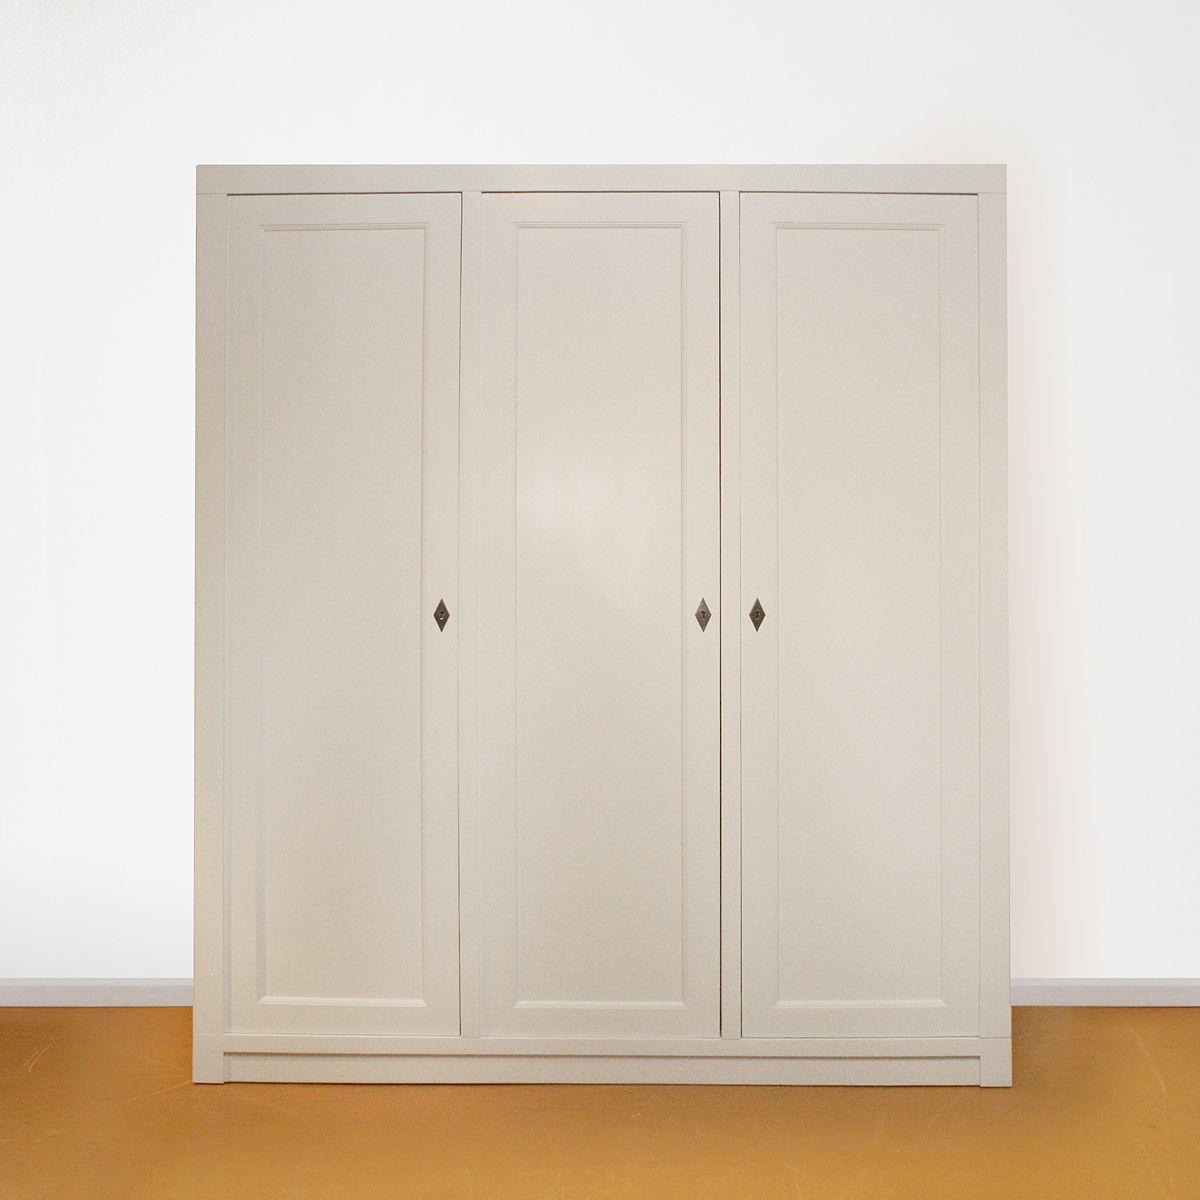 Linnenkast drie-deurs strak